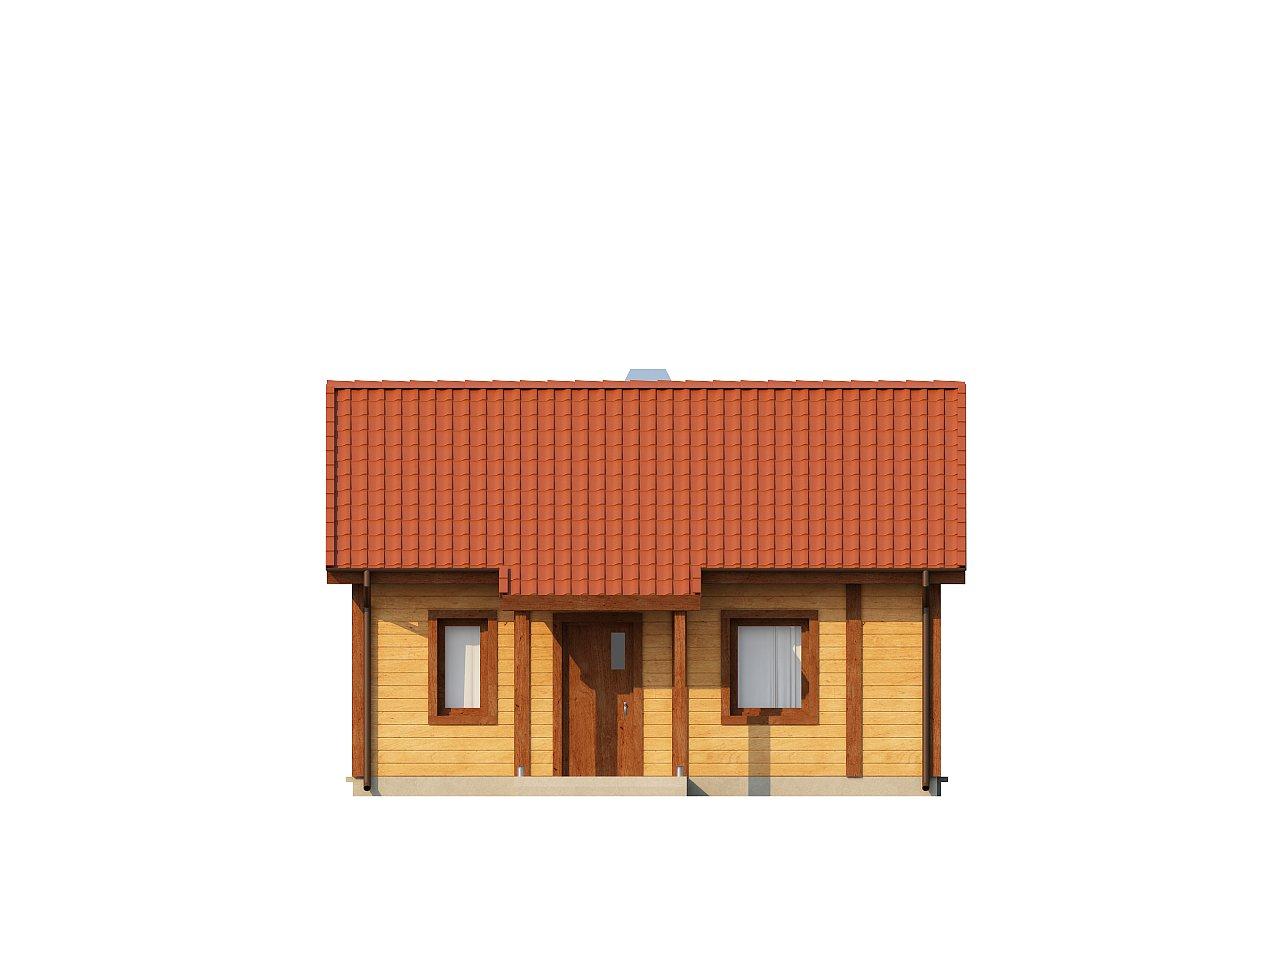 Маленький одноэтажный дом, оснащенный всем необходимым для круглогодичного проживания. - фото 12